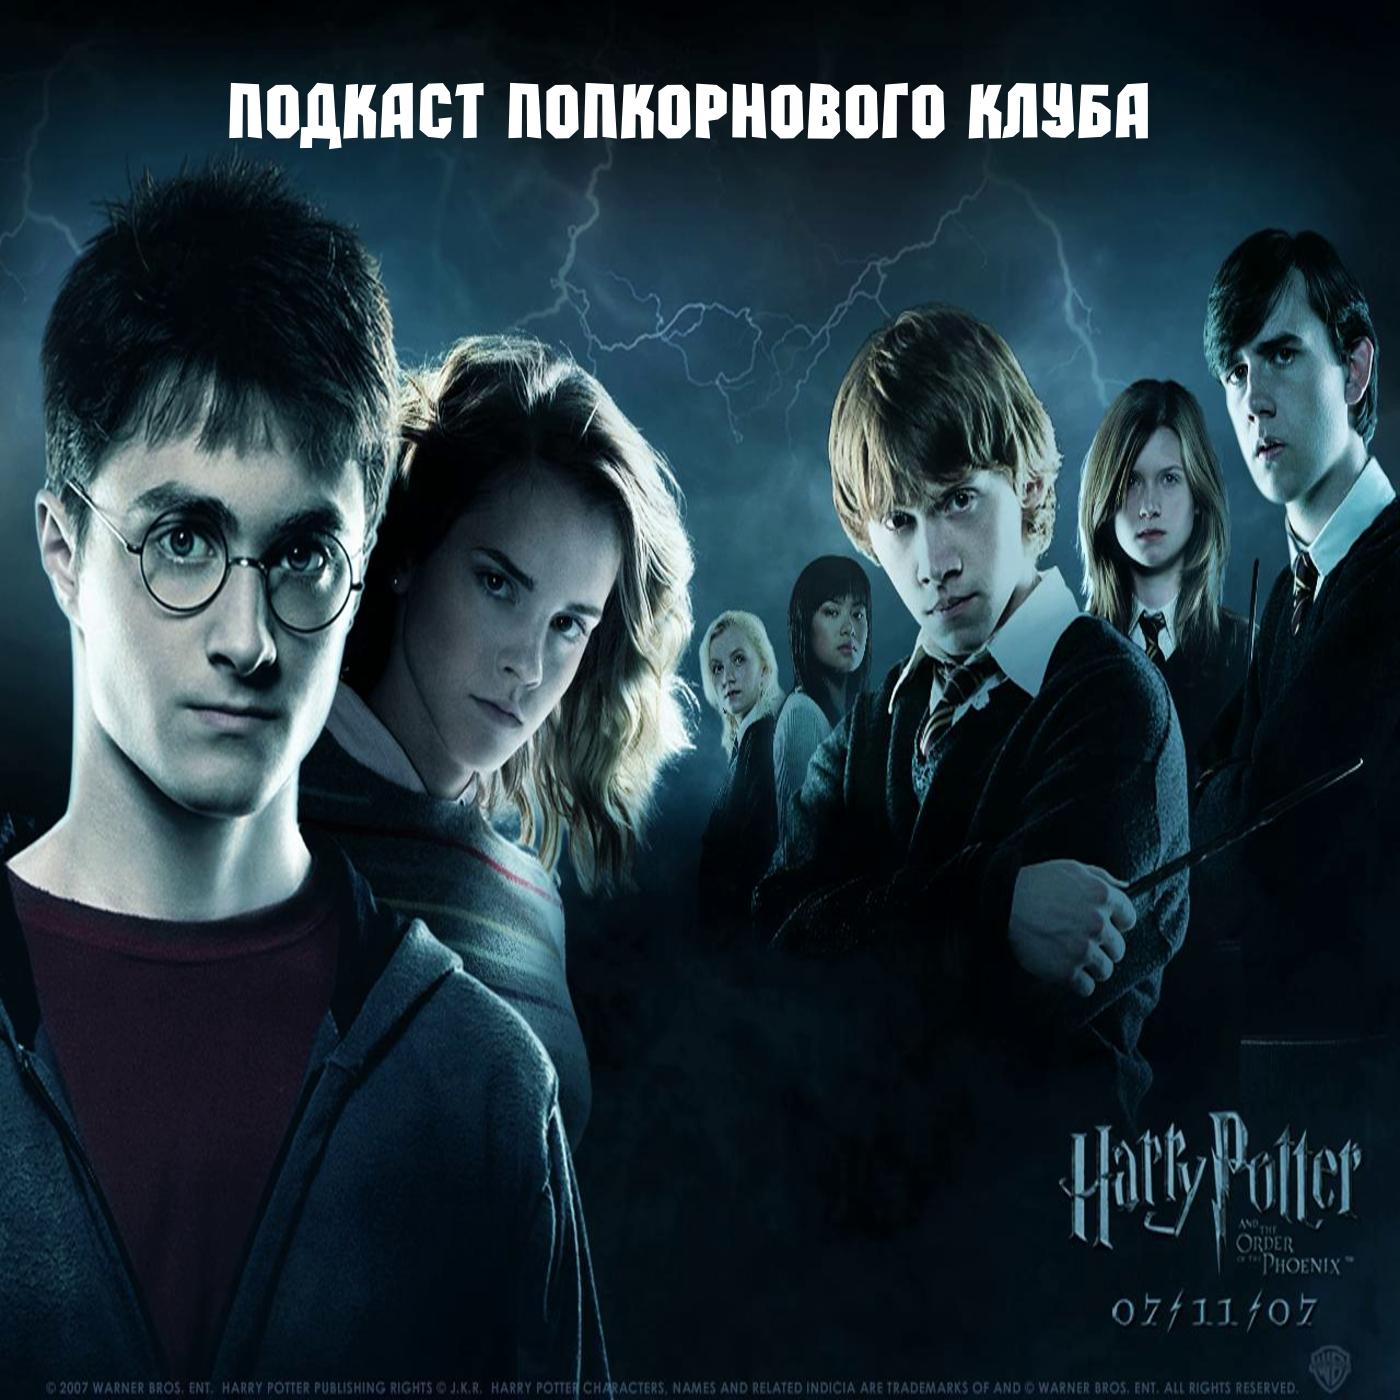 Гарри Поттер и Орден Феникса - Попкорновый клуб